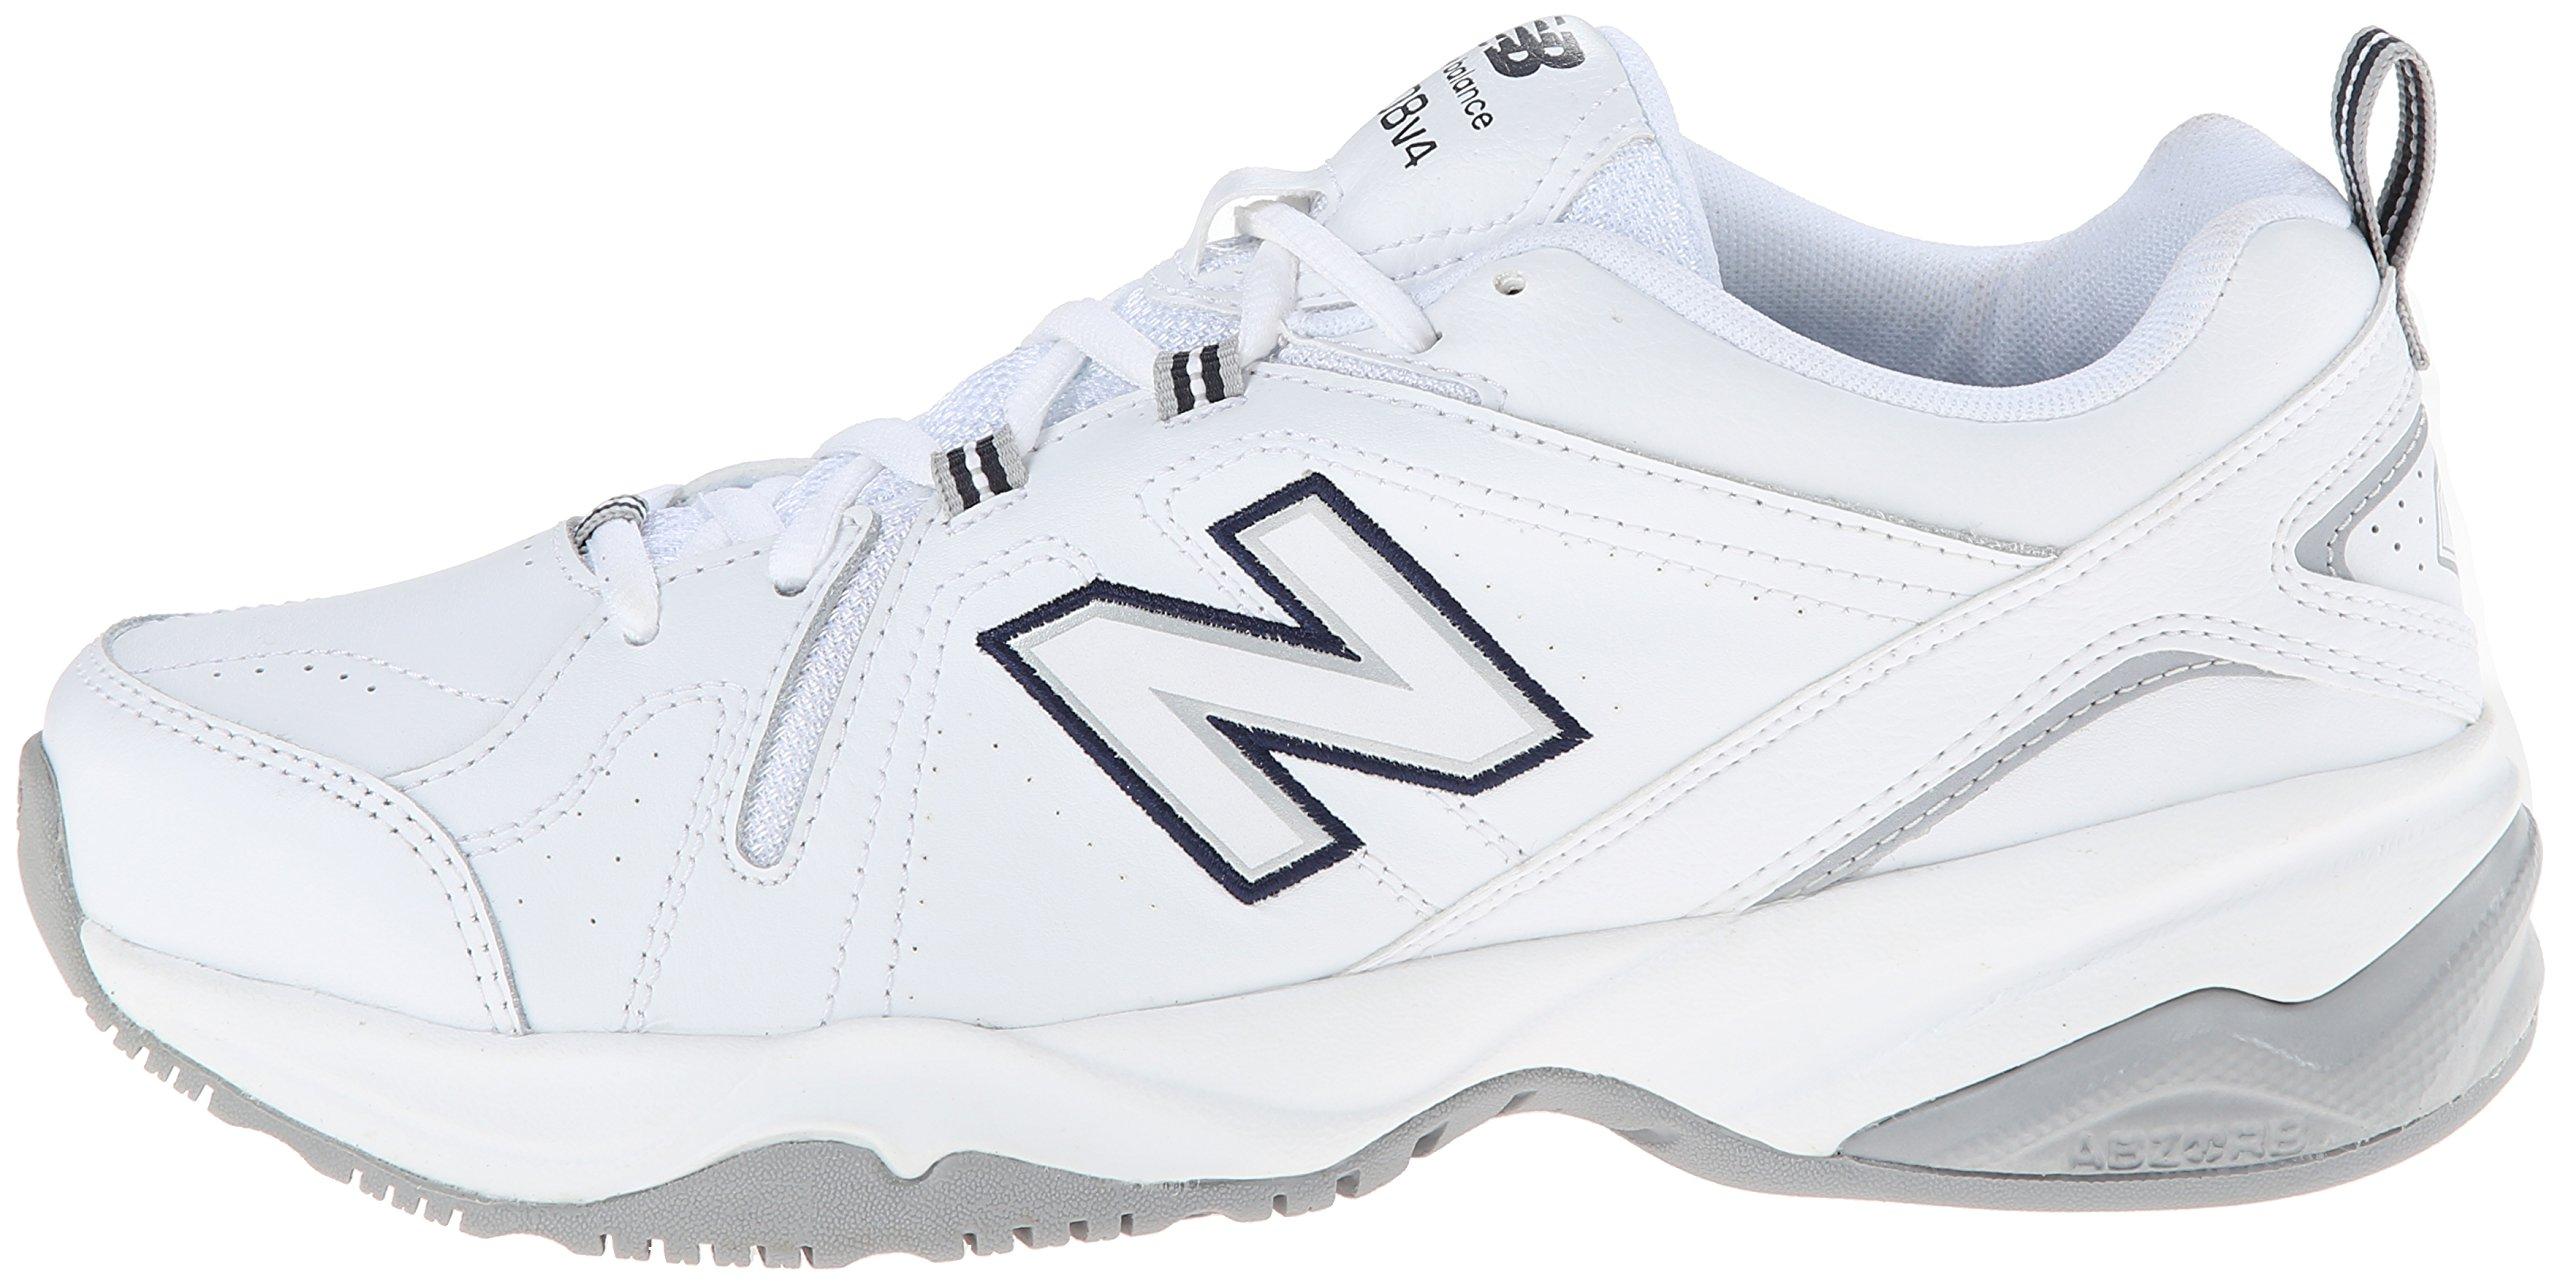 New Balance Women's WX608v4 Training Shoe, White/Navy, 8.5 D US by New Balance (Image #5)